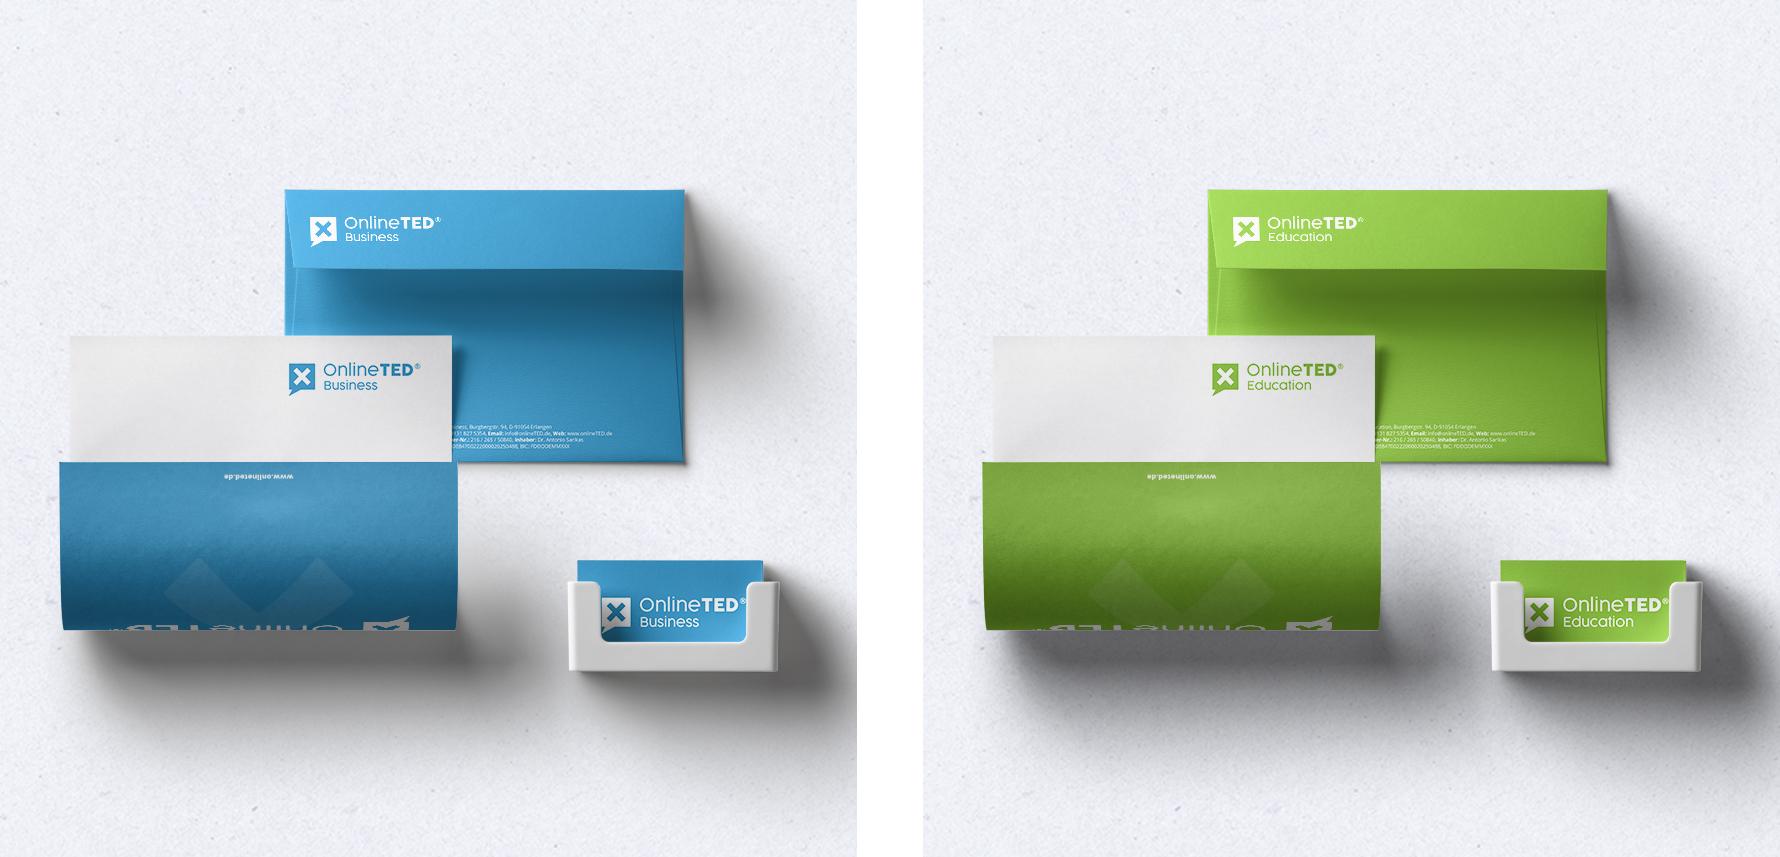 Hüfner Design | Referenz OnlineTED | Stationary